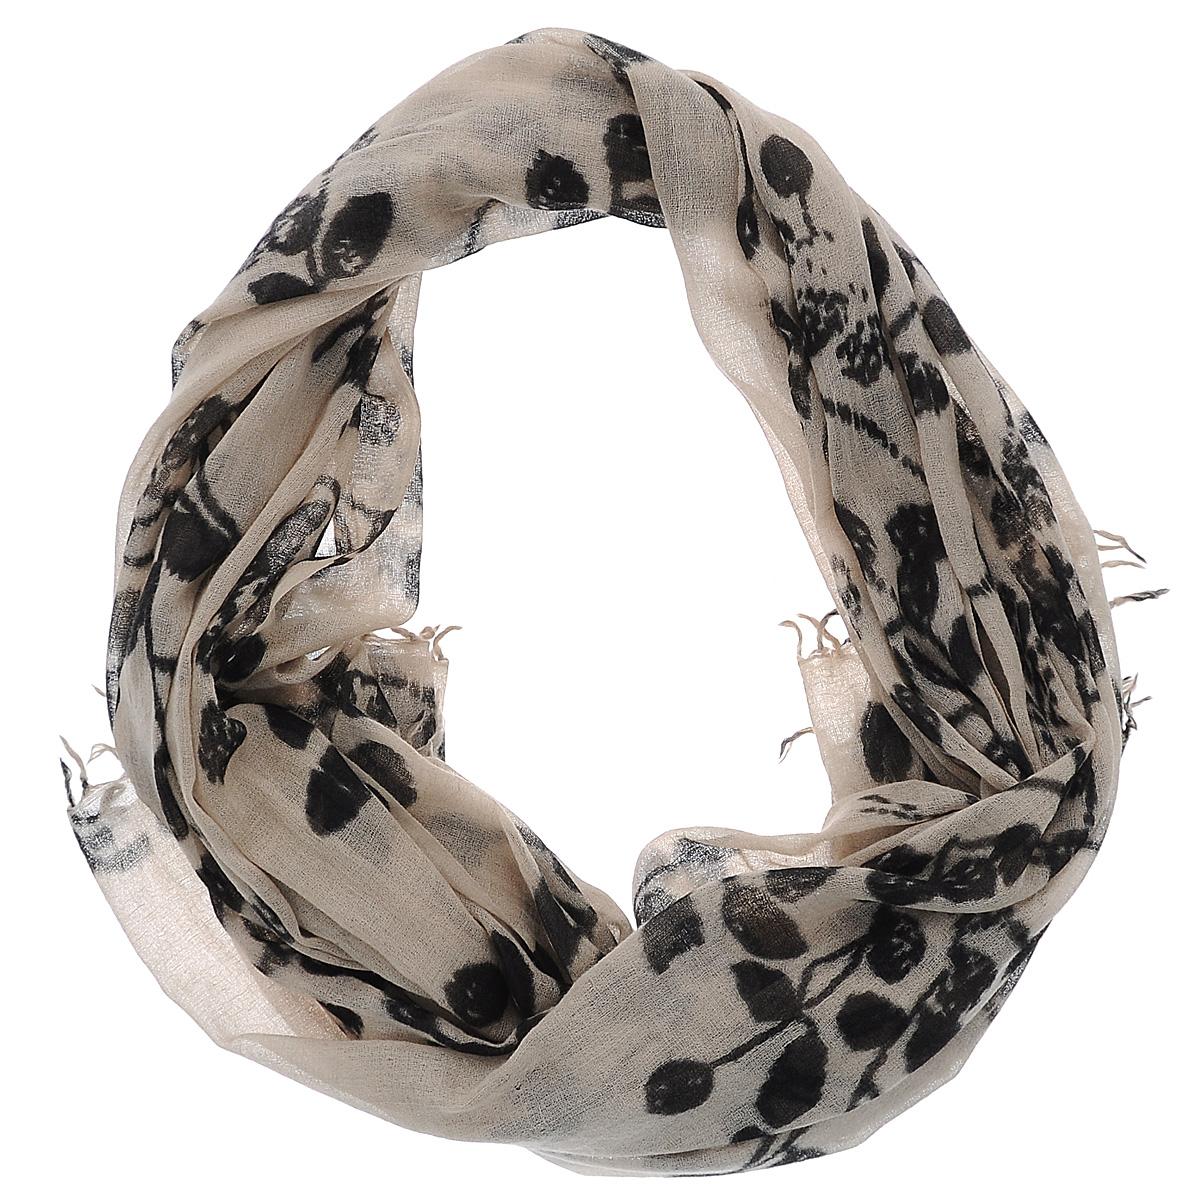 Палантин. W-SMALL.LEAFW-SMALL.LEAF/BEIGEЭлегантный палантин Michel Katana, выполненный из 100% шерсти, станет изысканным, нарядным аксессуаром, который призван подчеркнуть индивидуальность и очарование женщины. Палантин оформлен принтом, по краю декорирован кисточками. Вы можете носить этот аксессуар как объемный шарф, чтобы оживить повседневный офисный образ, или комбинировать его с вечерним платьем.